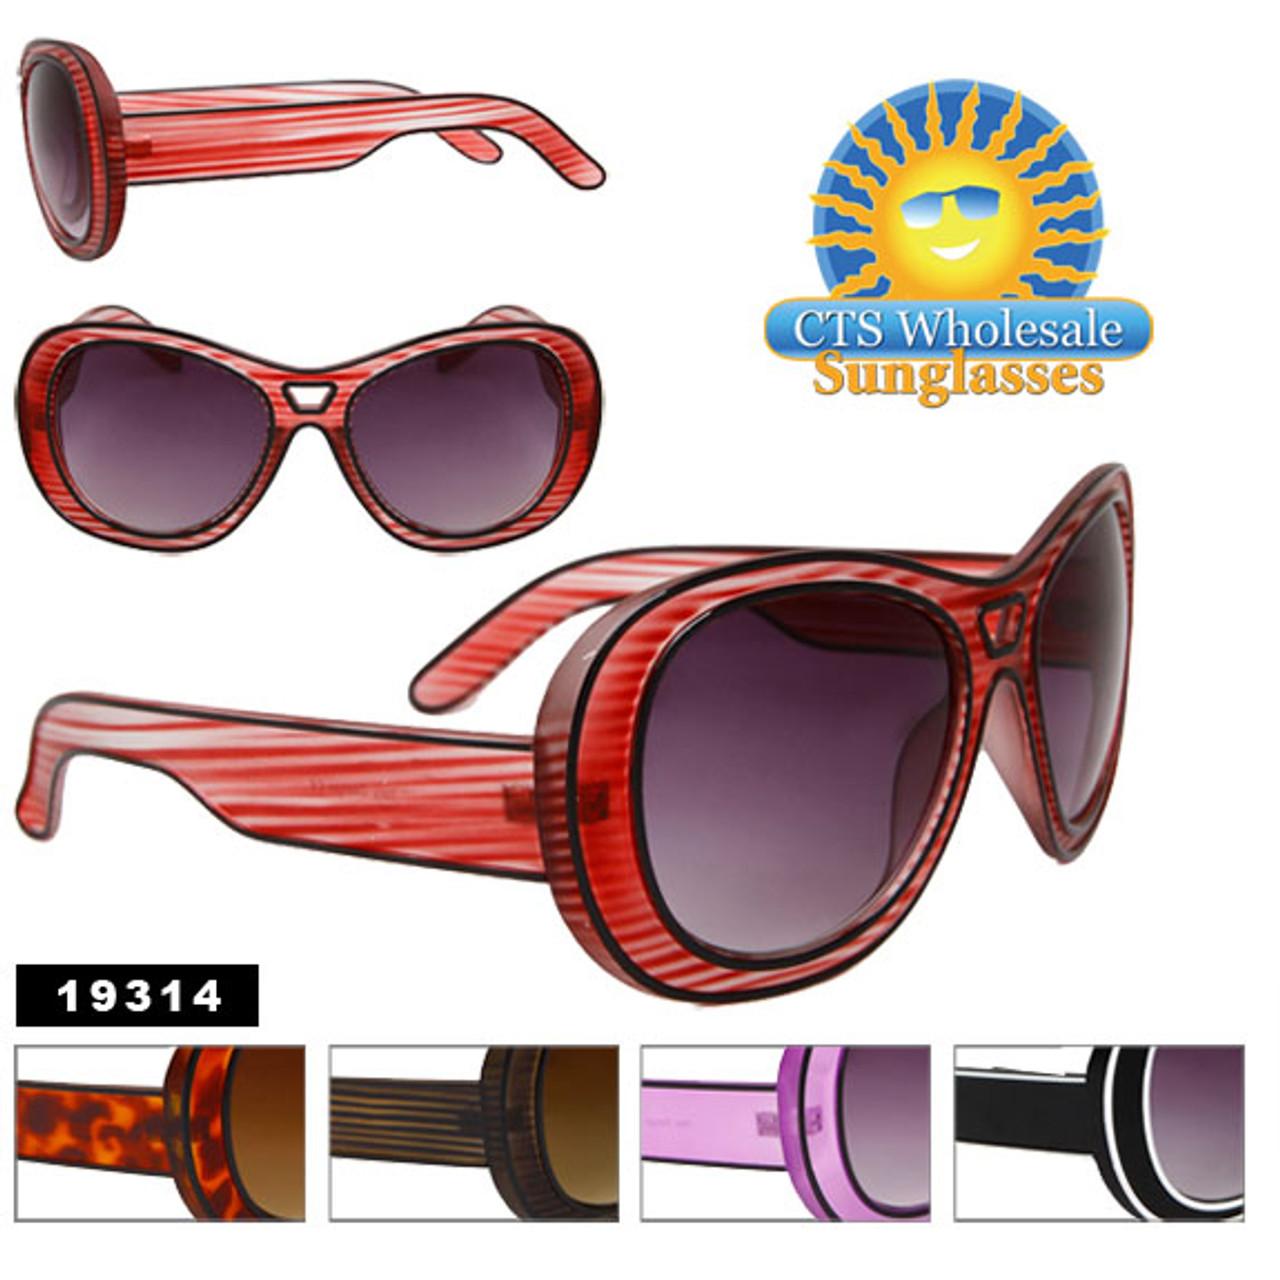 Vintage Sunglasses Wholesale 19314